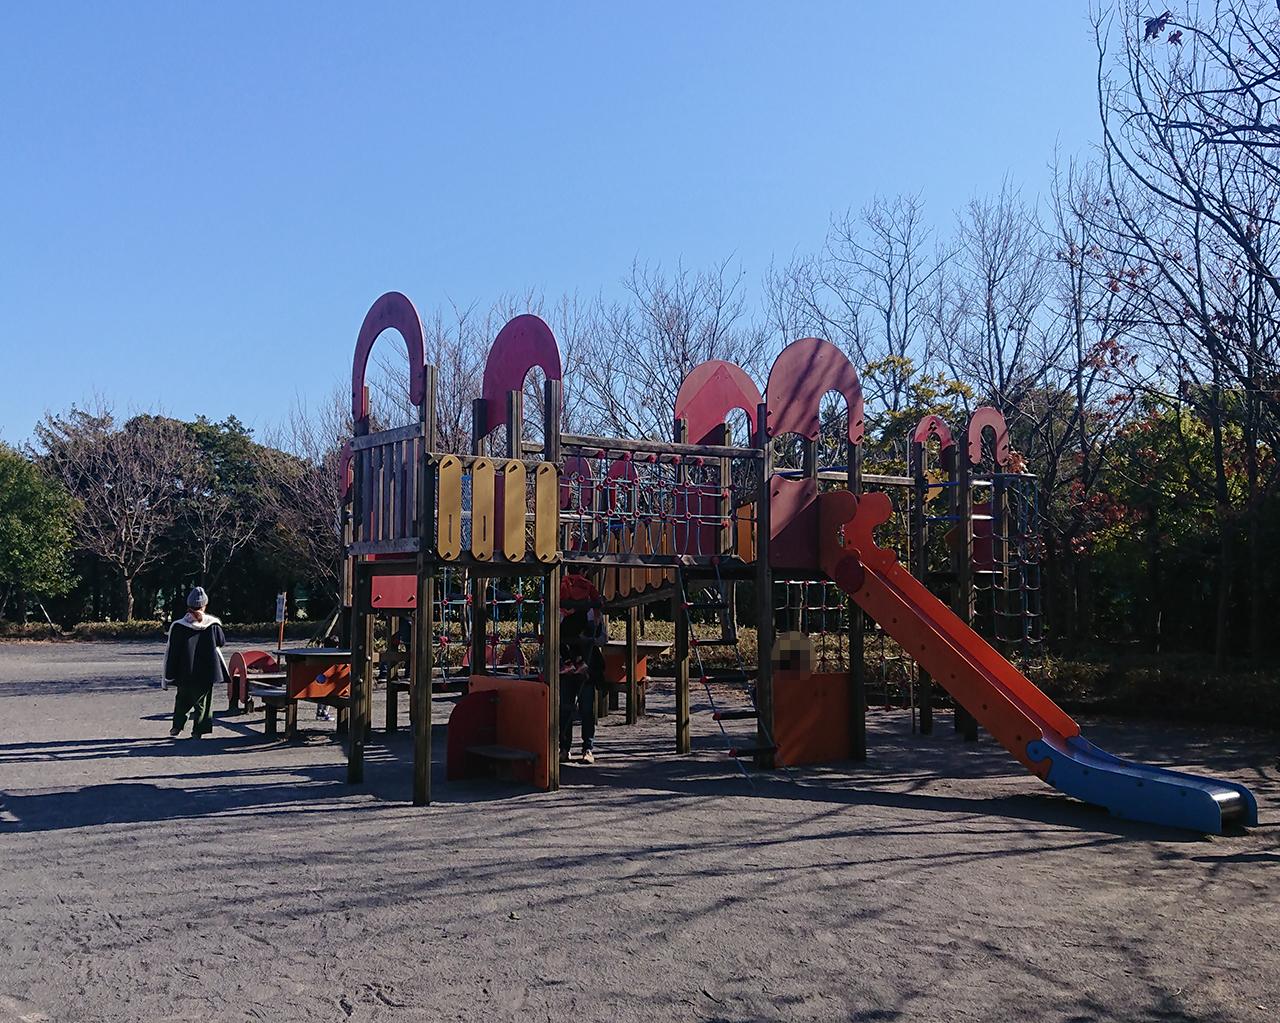 児童コーナーの複合遊具の写真